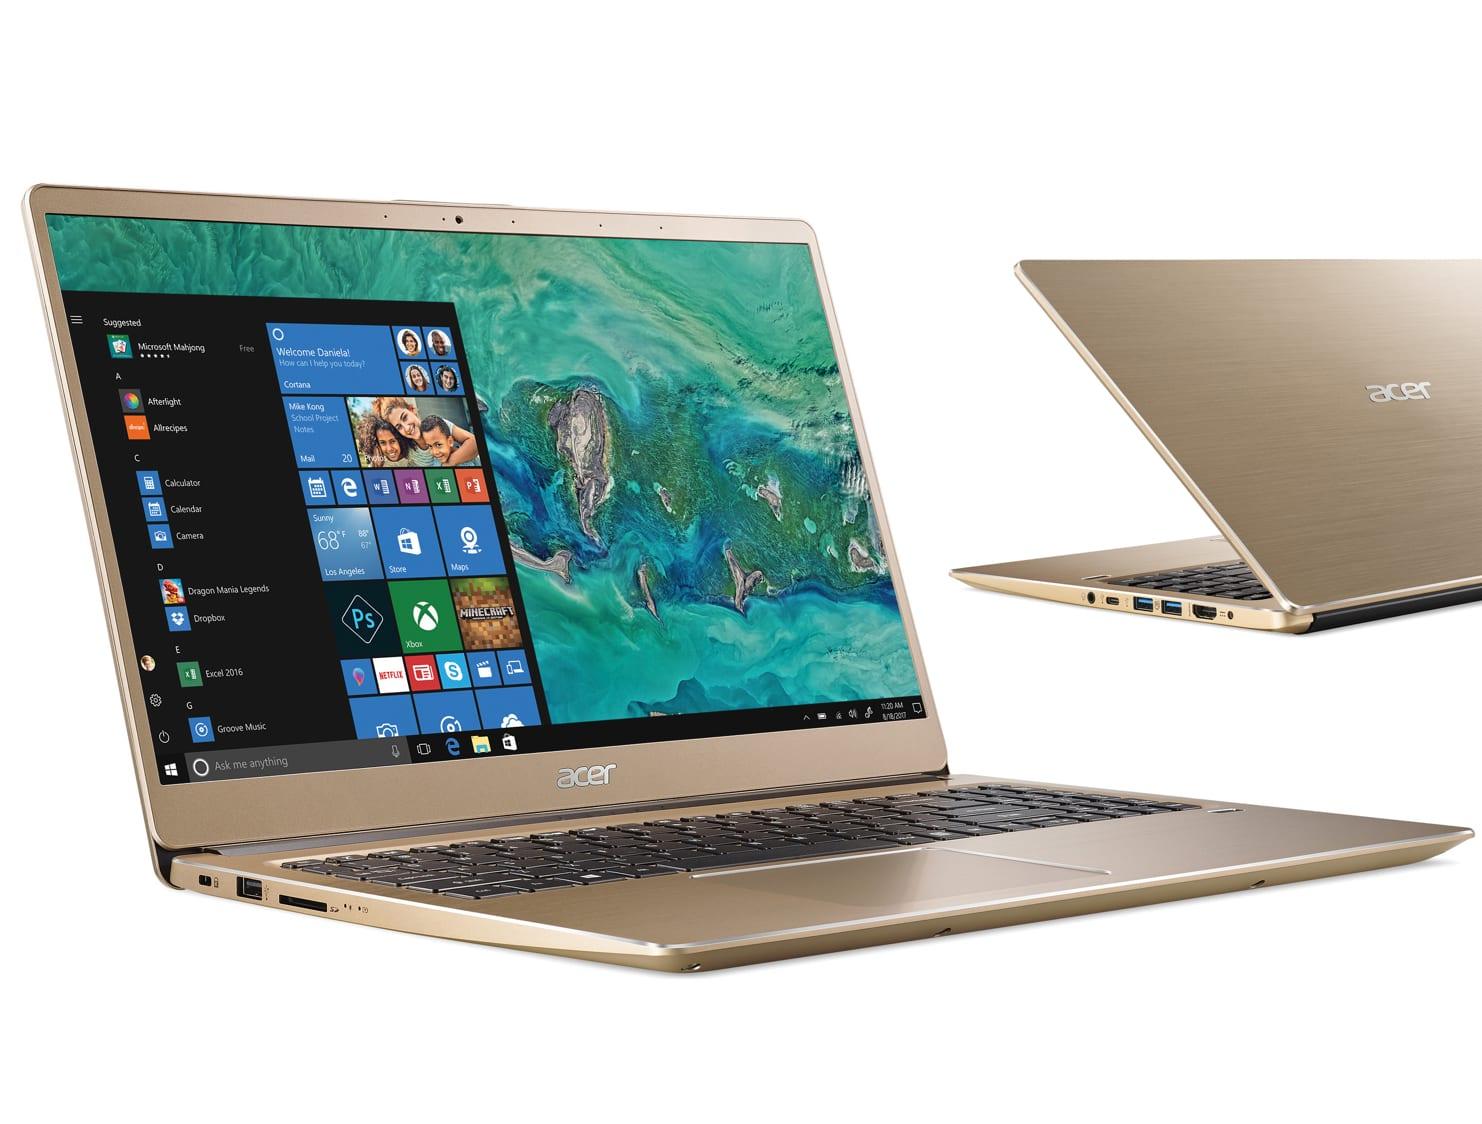 Rose gold acer laptop